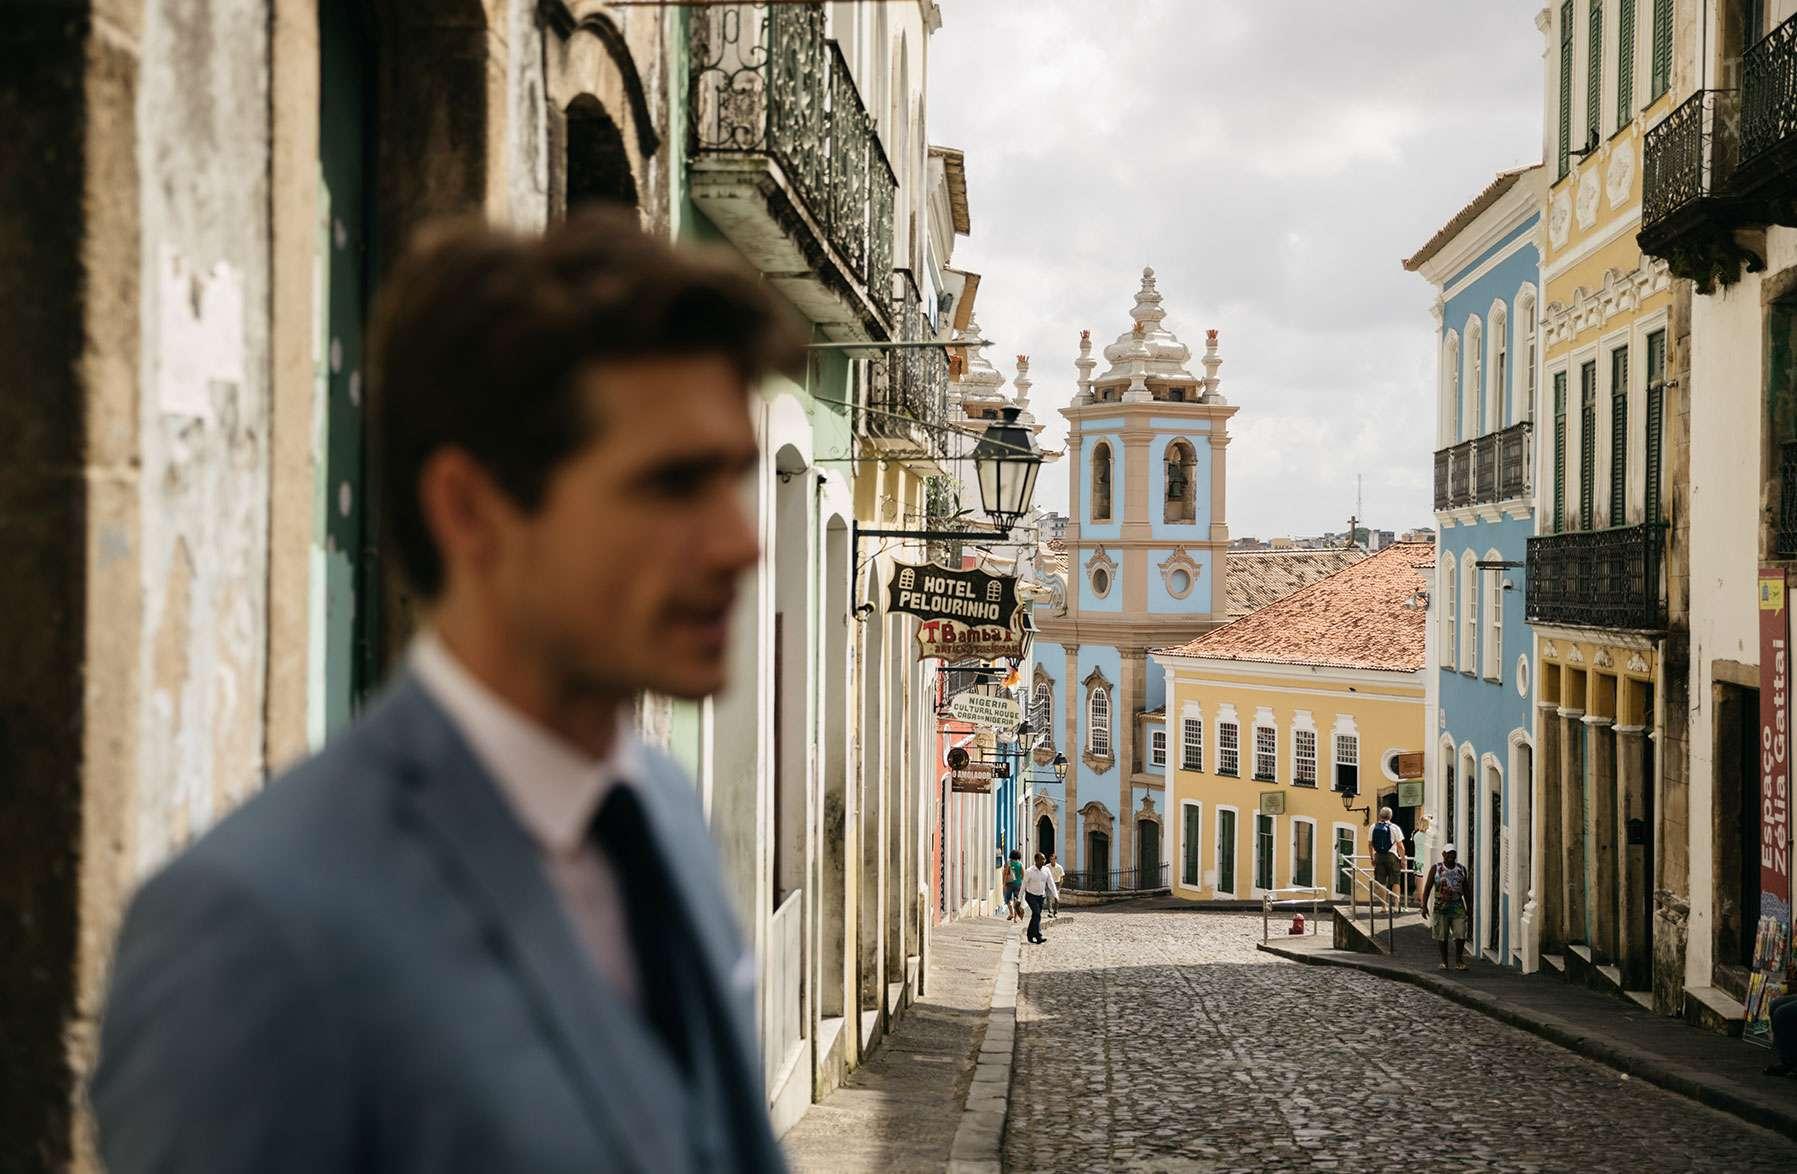 Pelourinho Brésil Bahia Salvador de Bahia